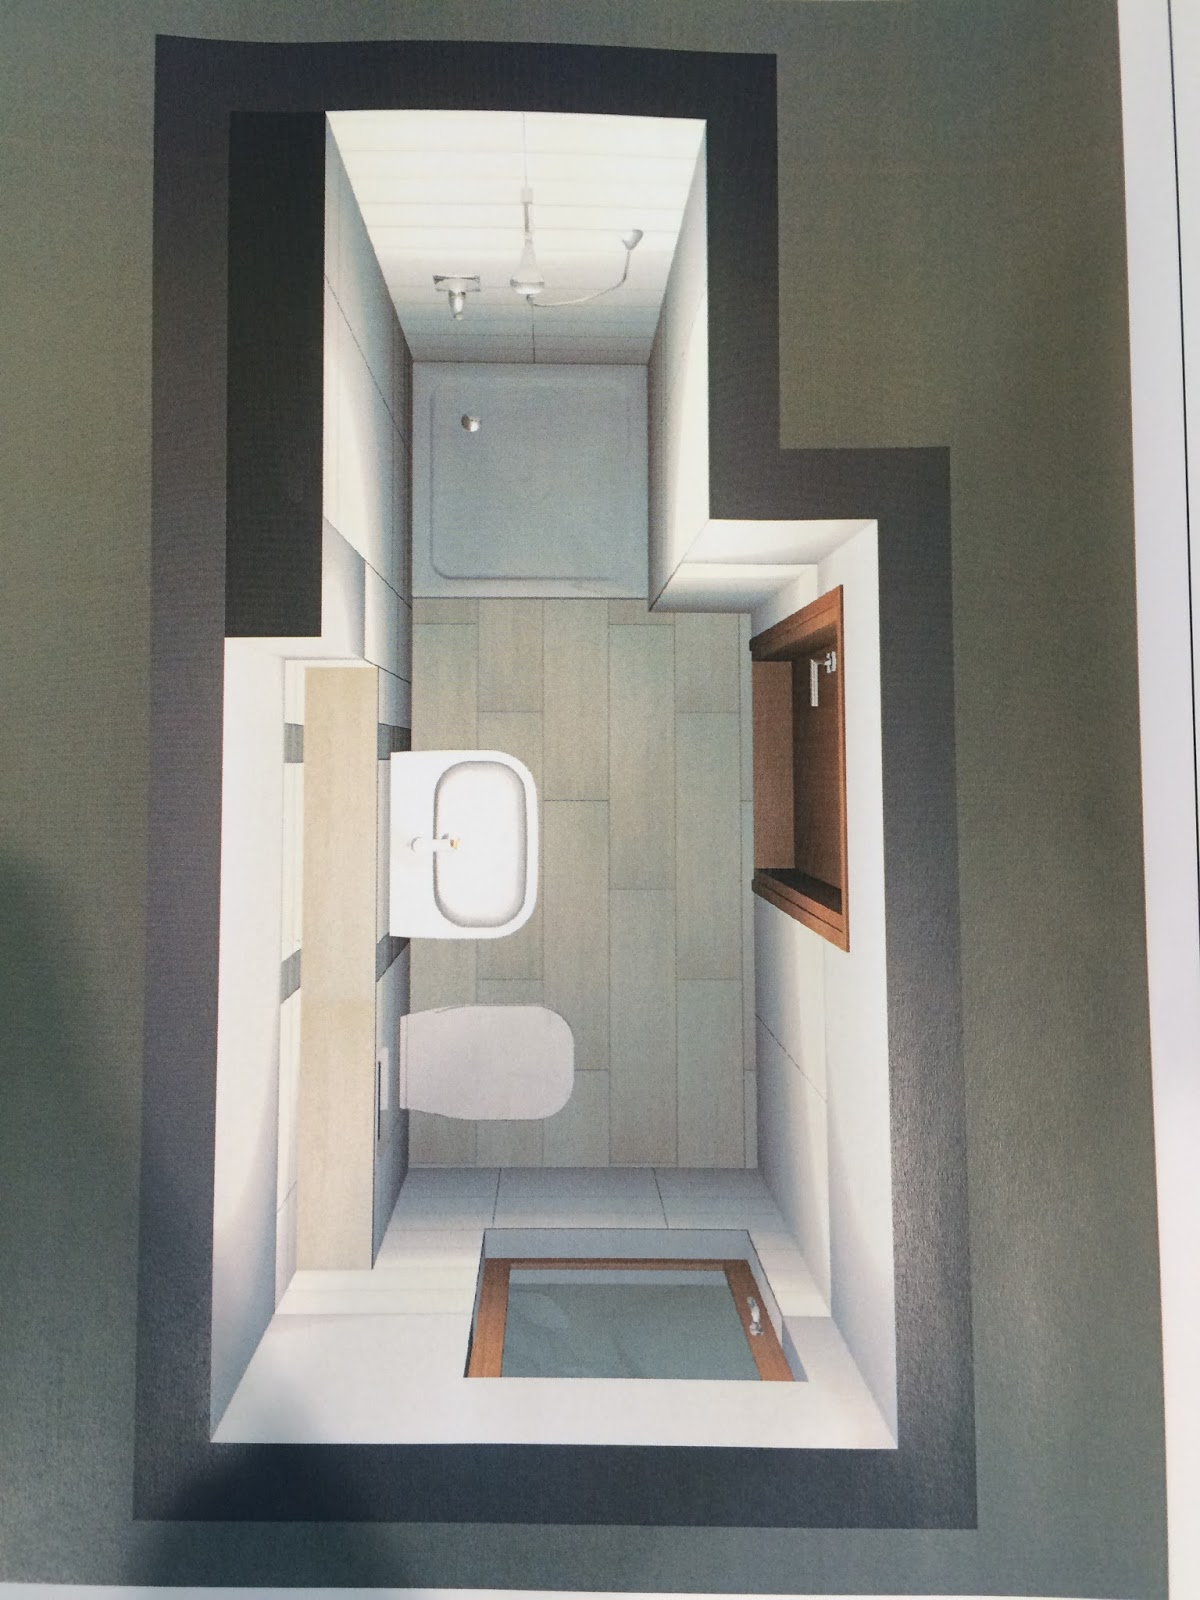 dunkle fliesen. Black Bedroom Furniture Sets. Home Design Ideas